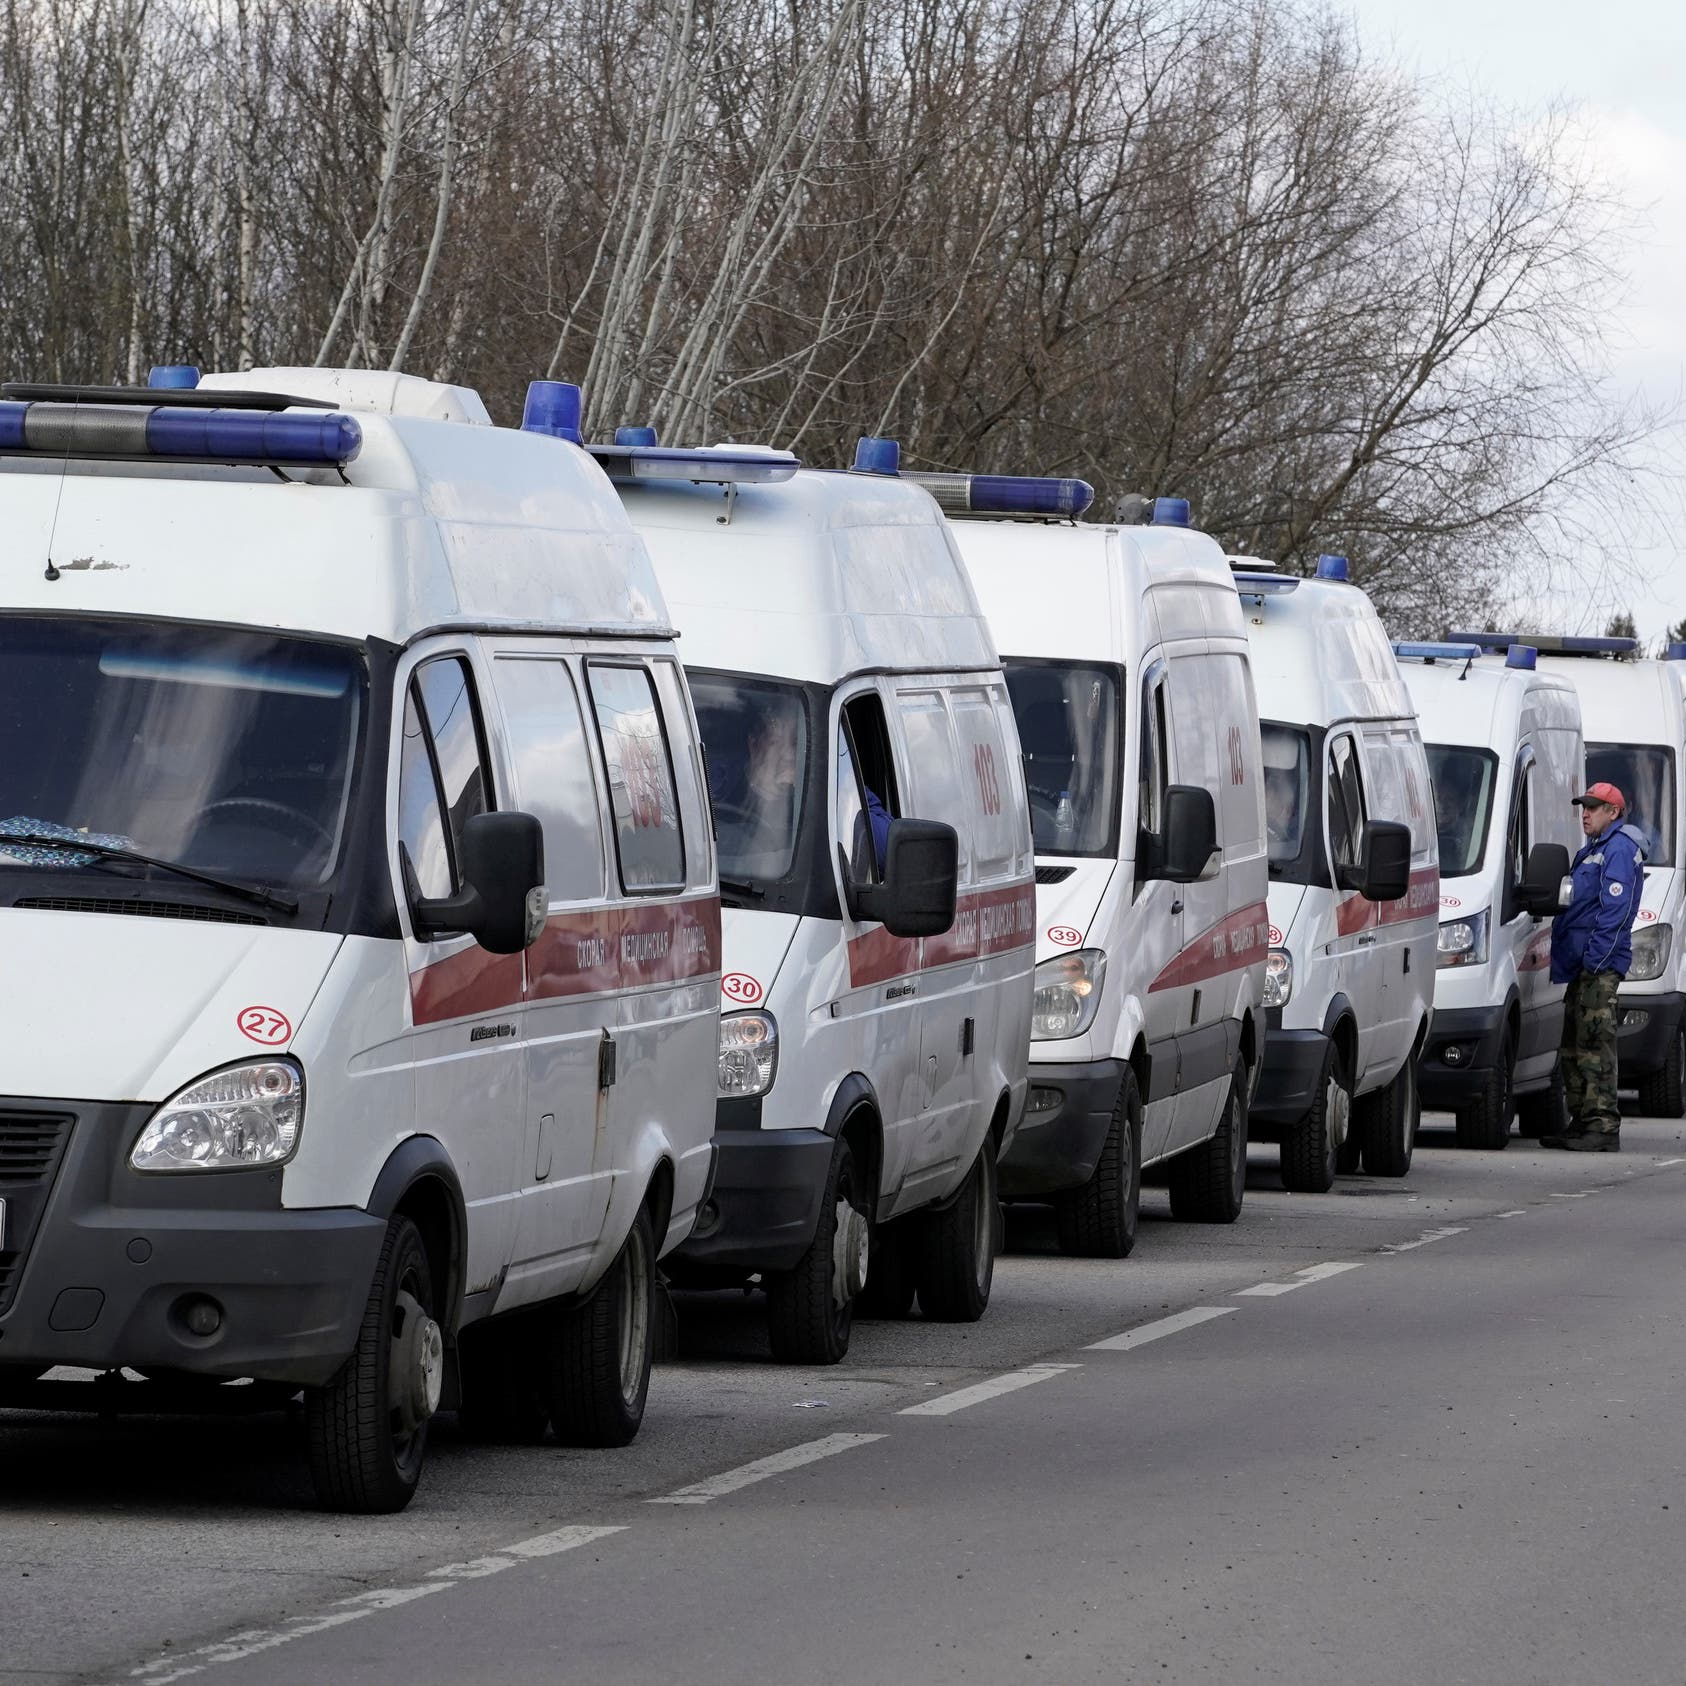 الوباء يقفز في روسيا.. أكثر من ألفي إصابة في يوم